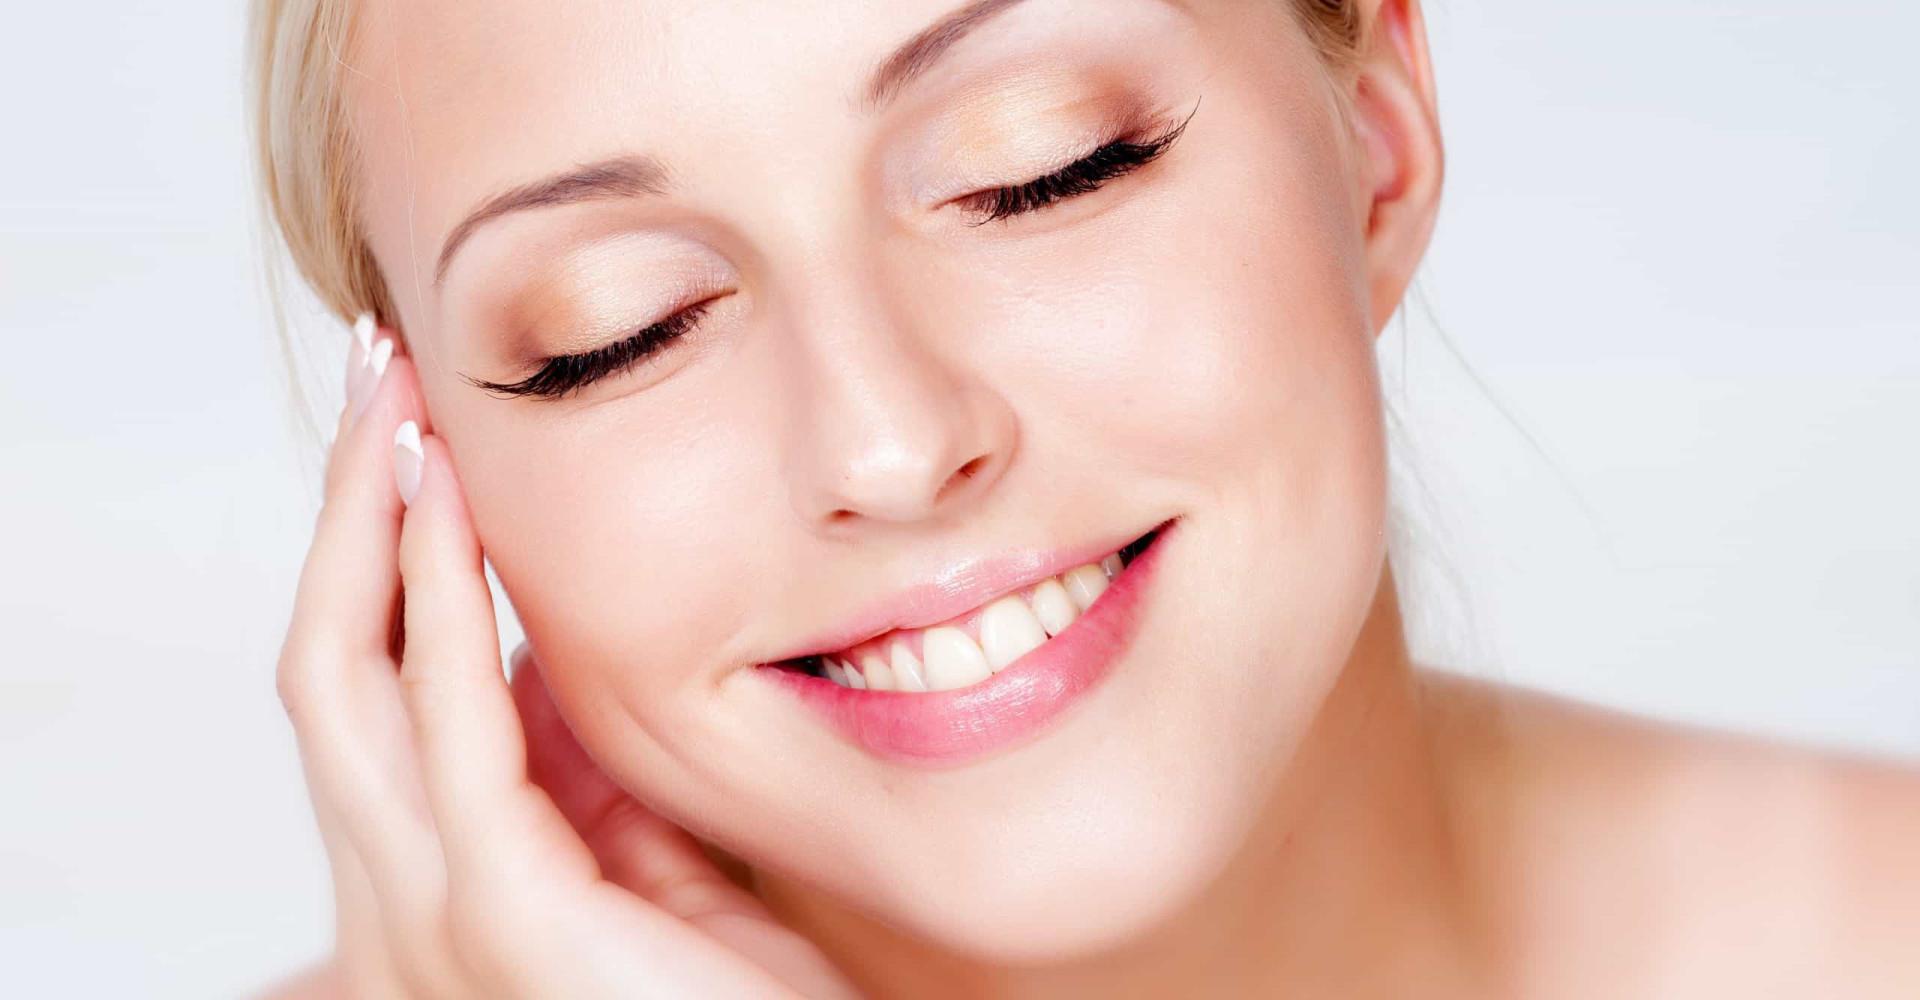 Parhaat vinkit talviajan ihonhoitoon